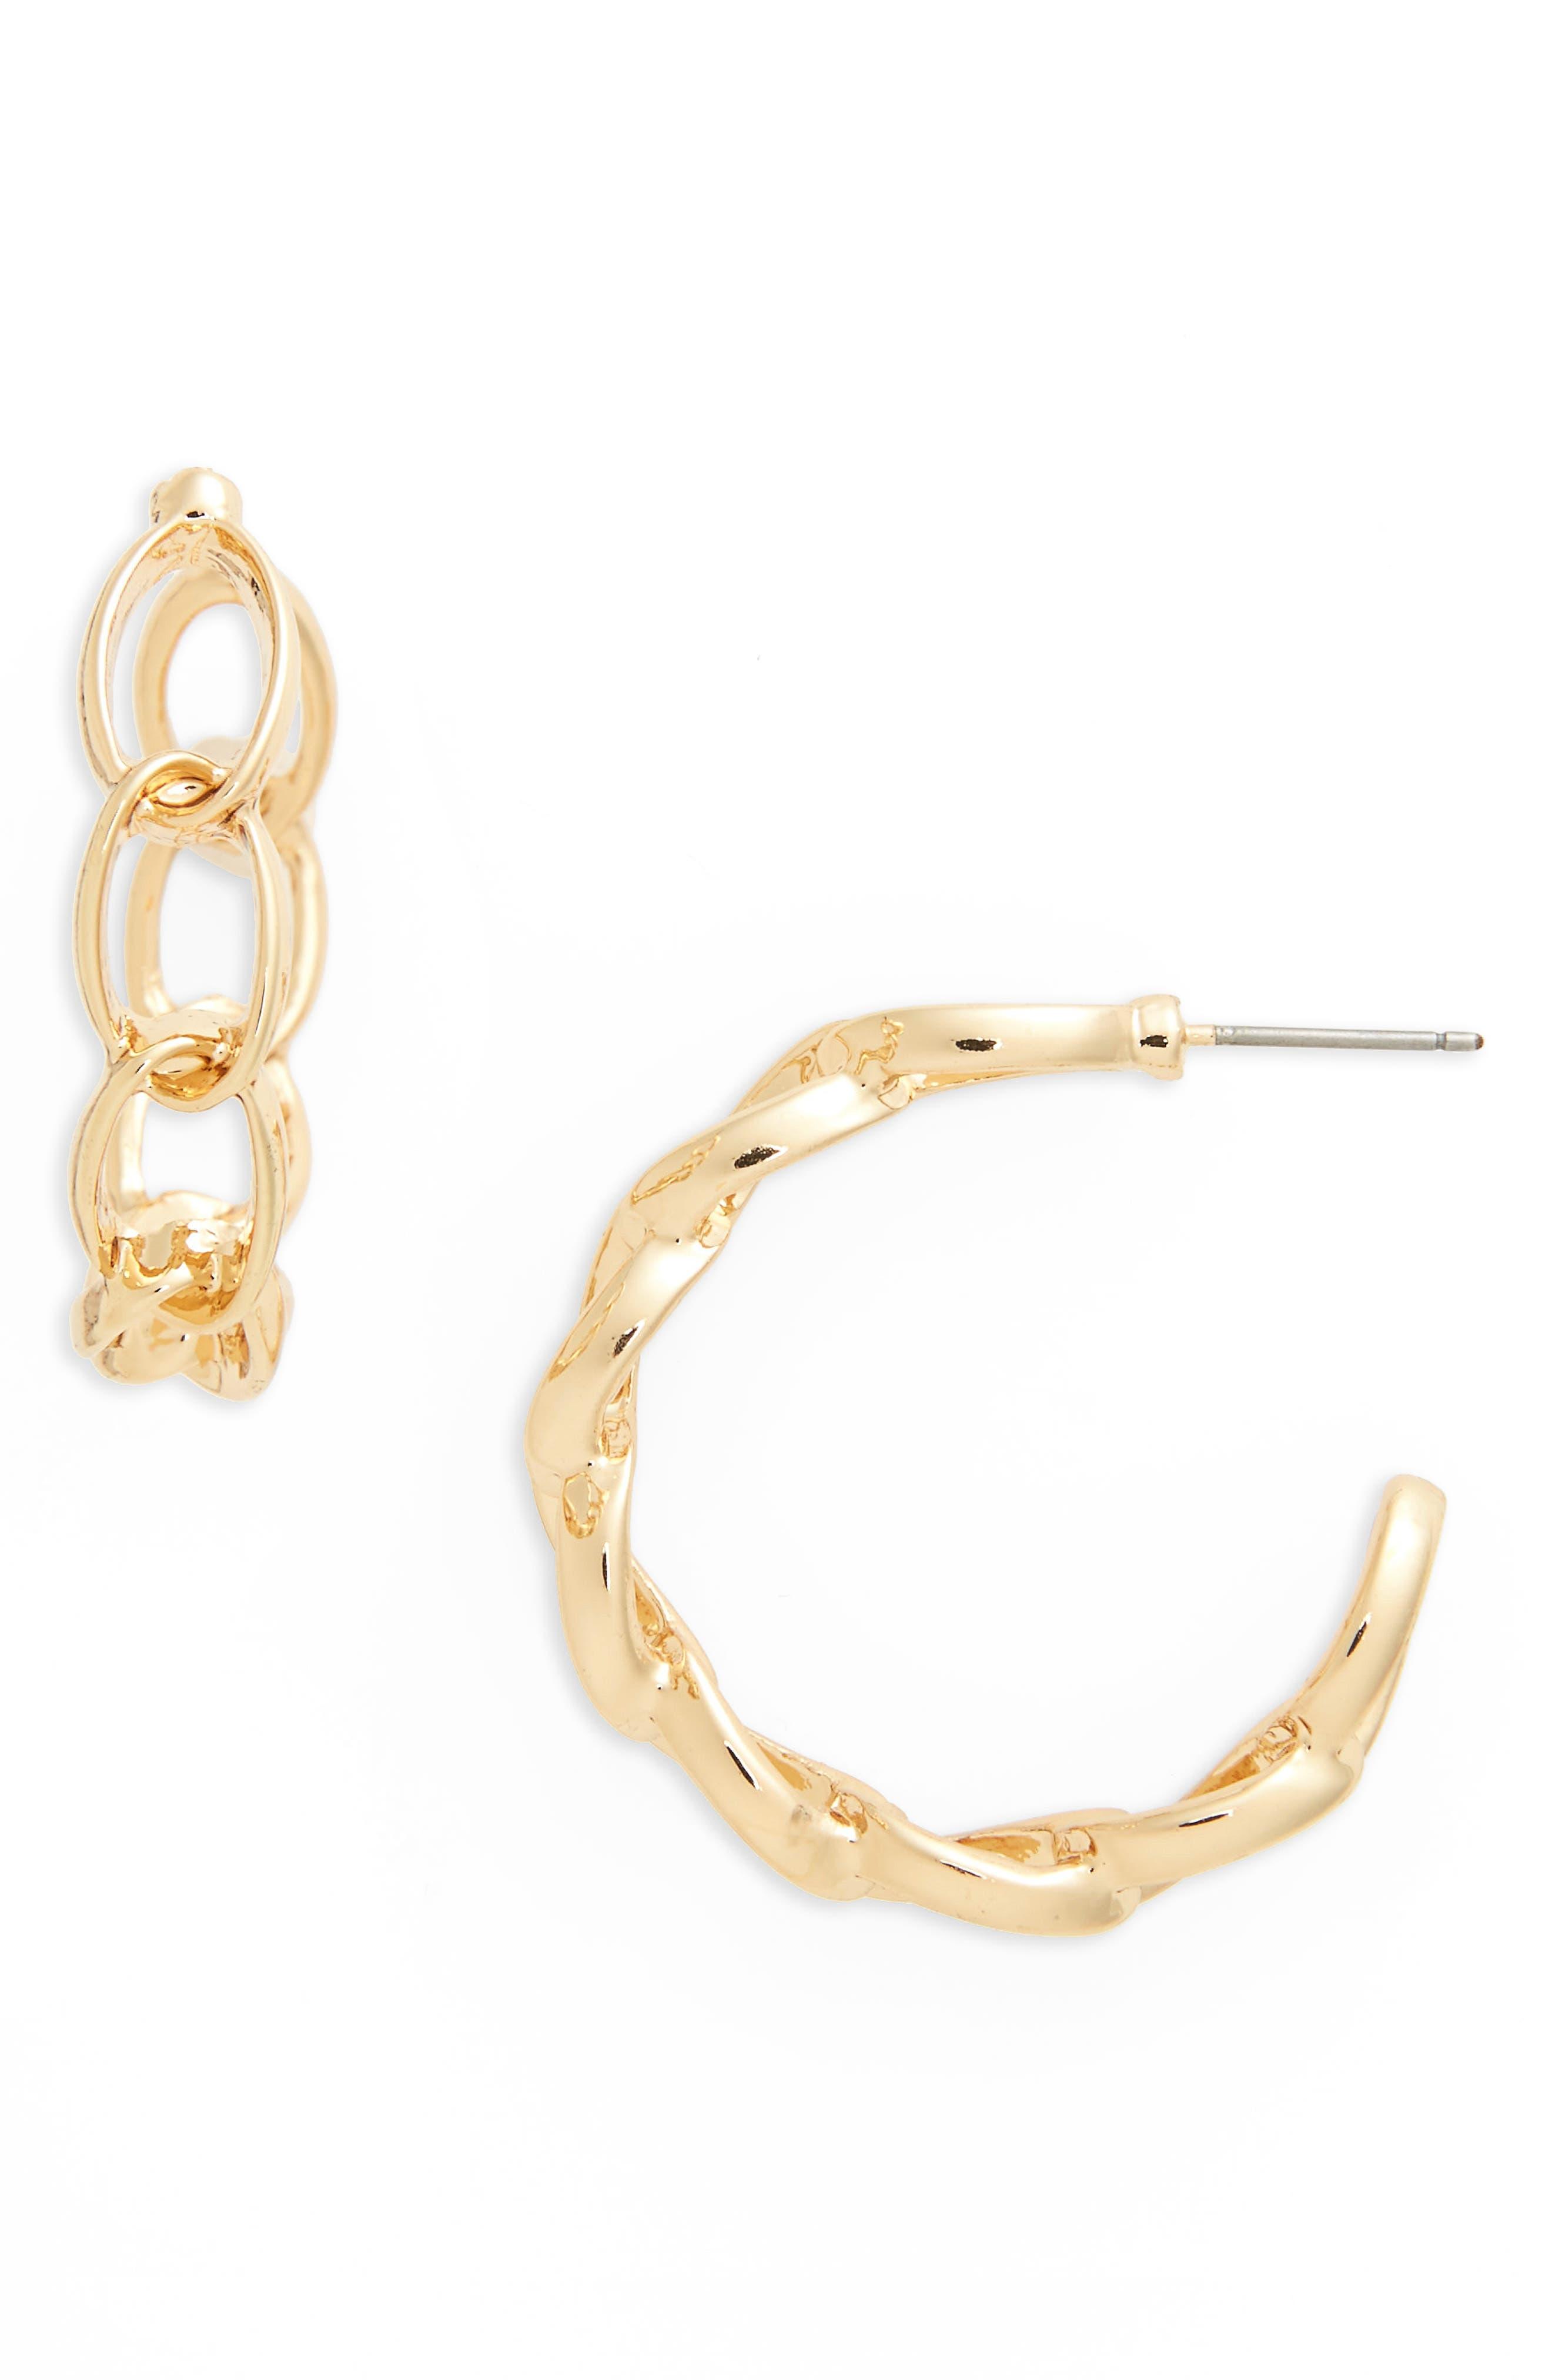 Main Image - BP. Chain Link Hoop Earrings